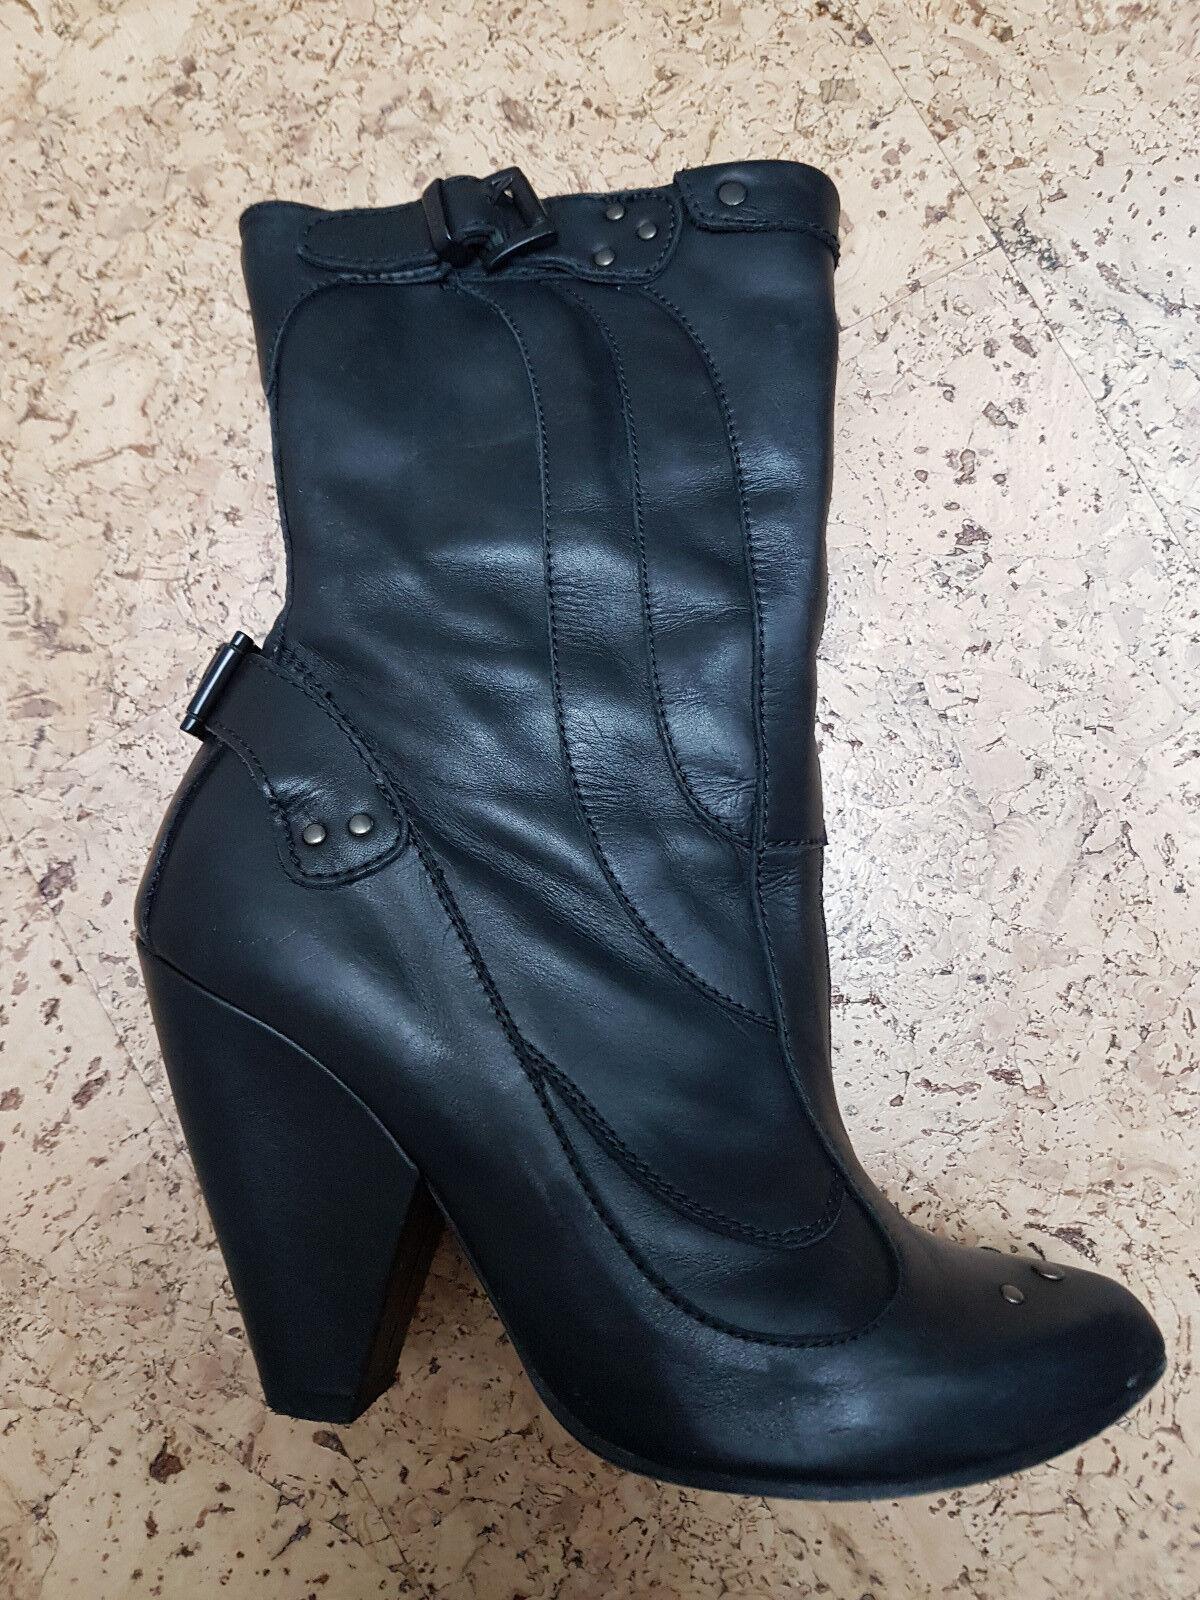 DIESEL Leder Schuhe schuhe Stiefel Stiefeletten Stiefel Stiefel Gr. 38